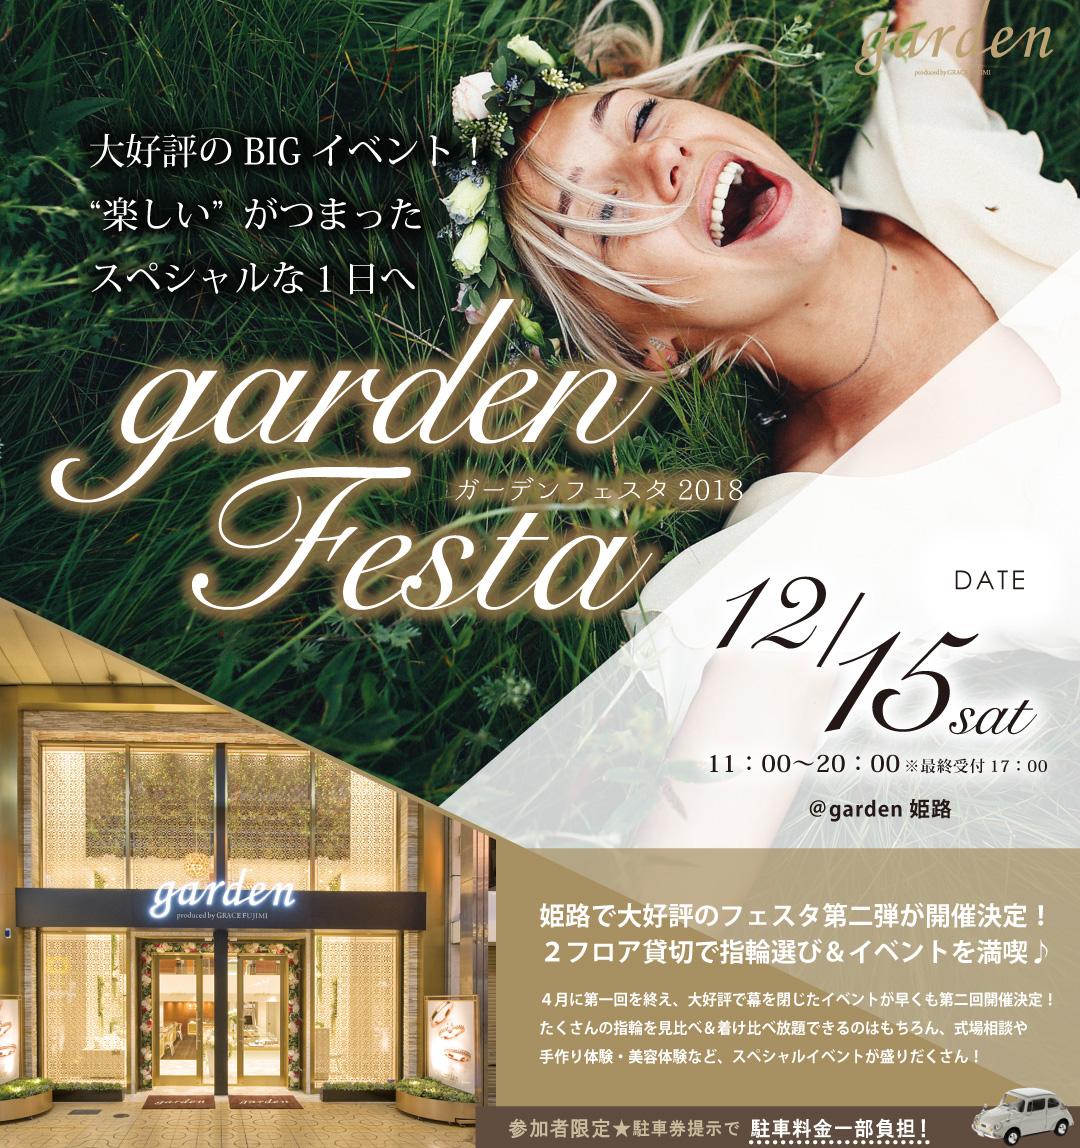 姫路で大好評のフェスタ第二弾が開催決定!指輪選び&イベントを満喫♪たくさんの指輪を見比べ&着け比べ放題。式場相談や手作り体験・美容体験など、スペシャルイベントが盛りだくさん